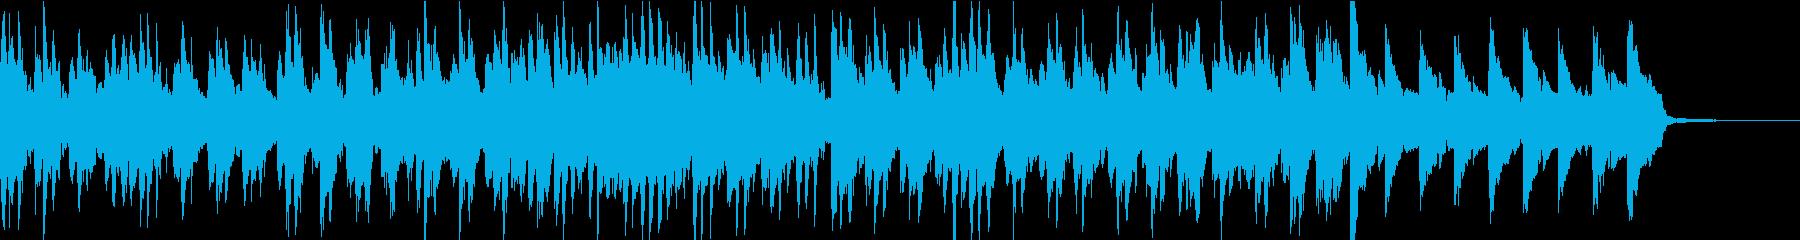 ゆったりしたかわいい日常の曲の再生済みの波形